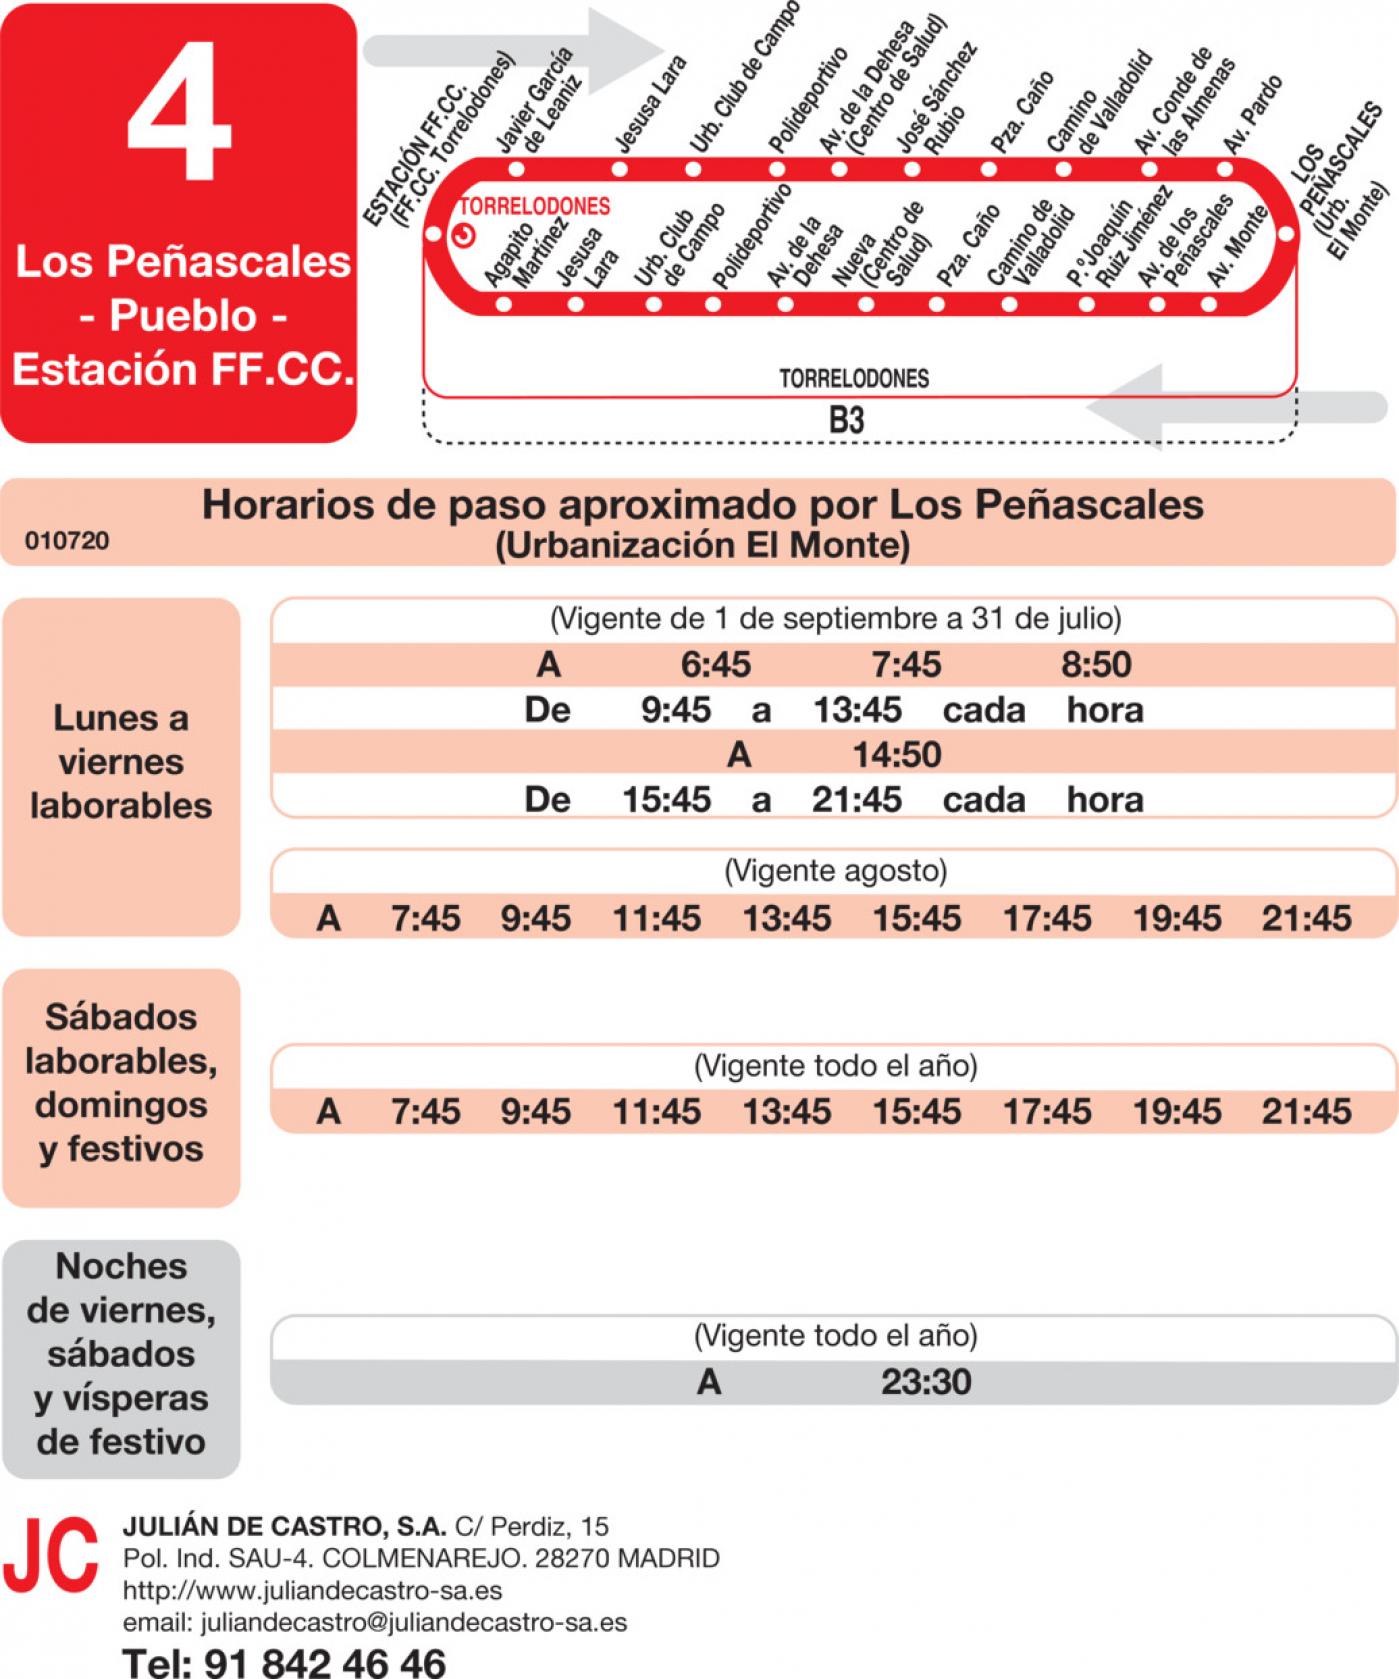 Tabla de horarios y frecuencias de paso en sentido vuelta Línea L-4 Torrelodones: Estación Cercanías RENFE - Colonia - Pueblo - Los Peñascales